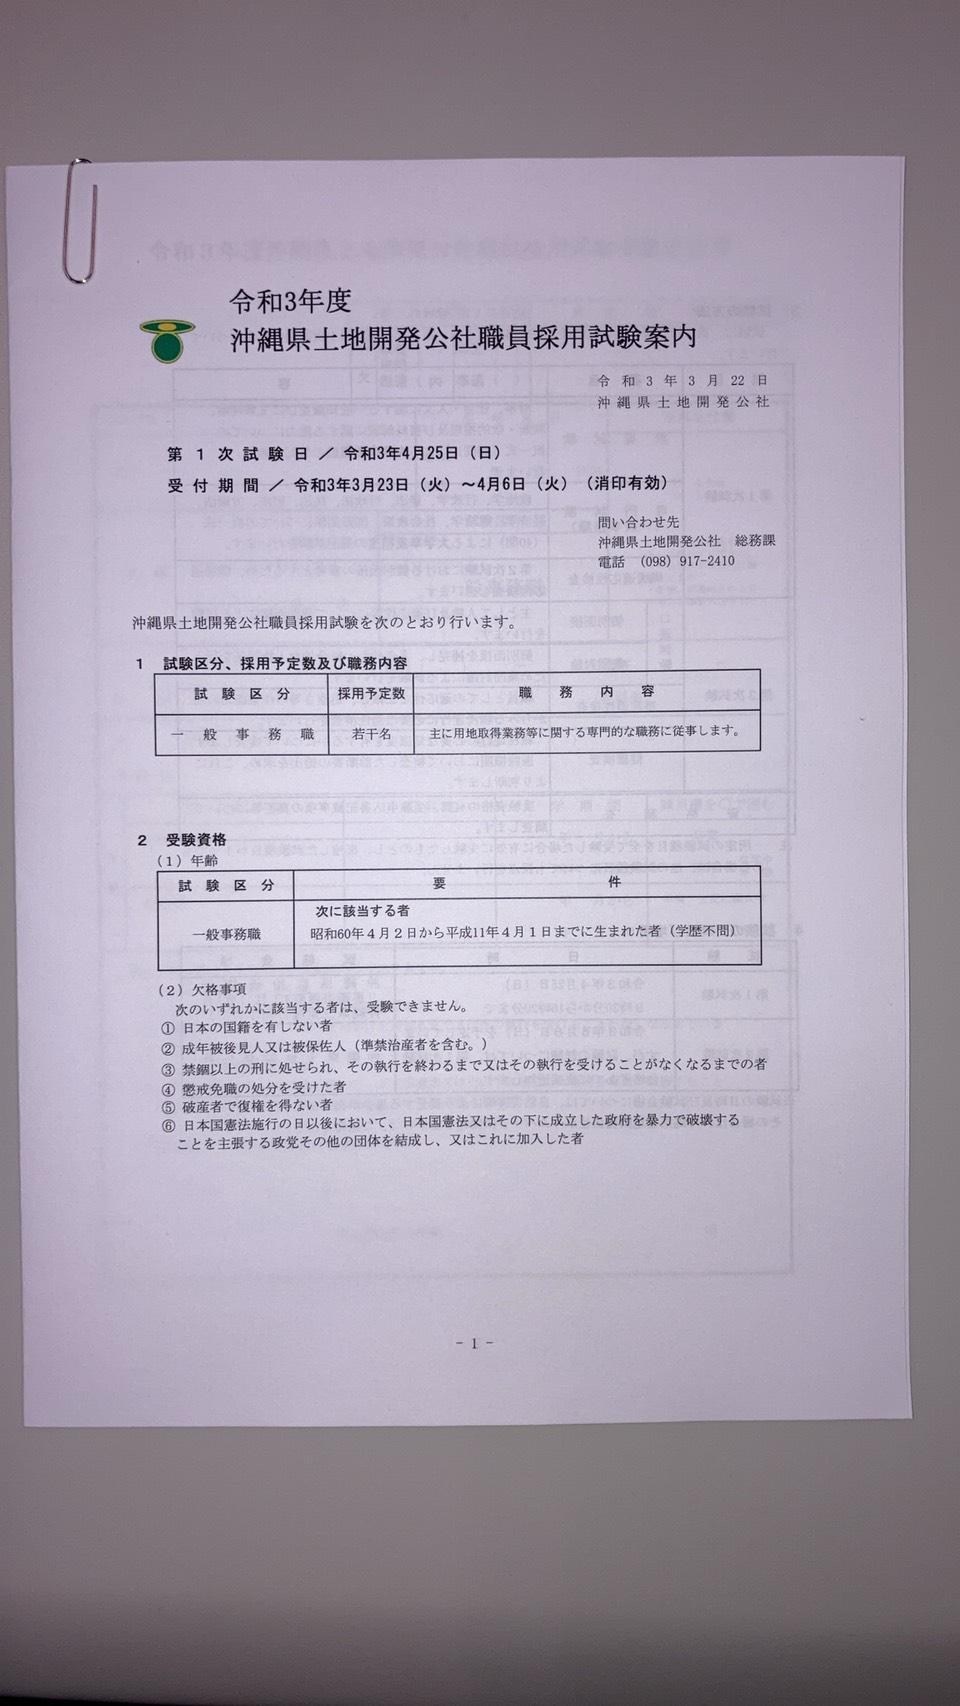 土地開発公社.jpg